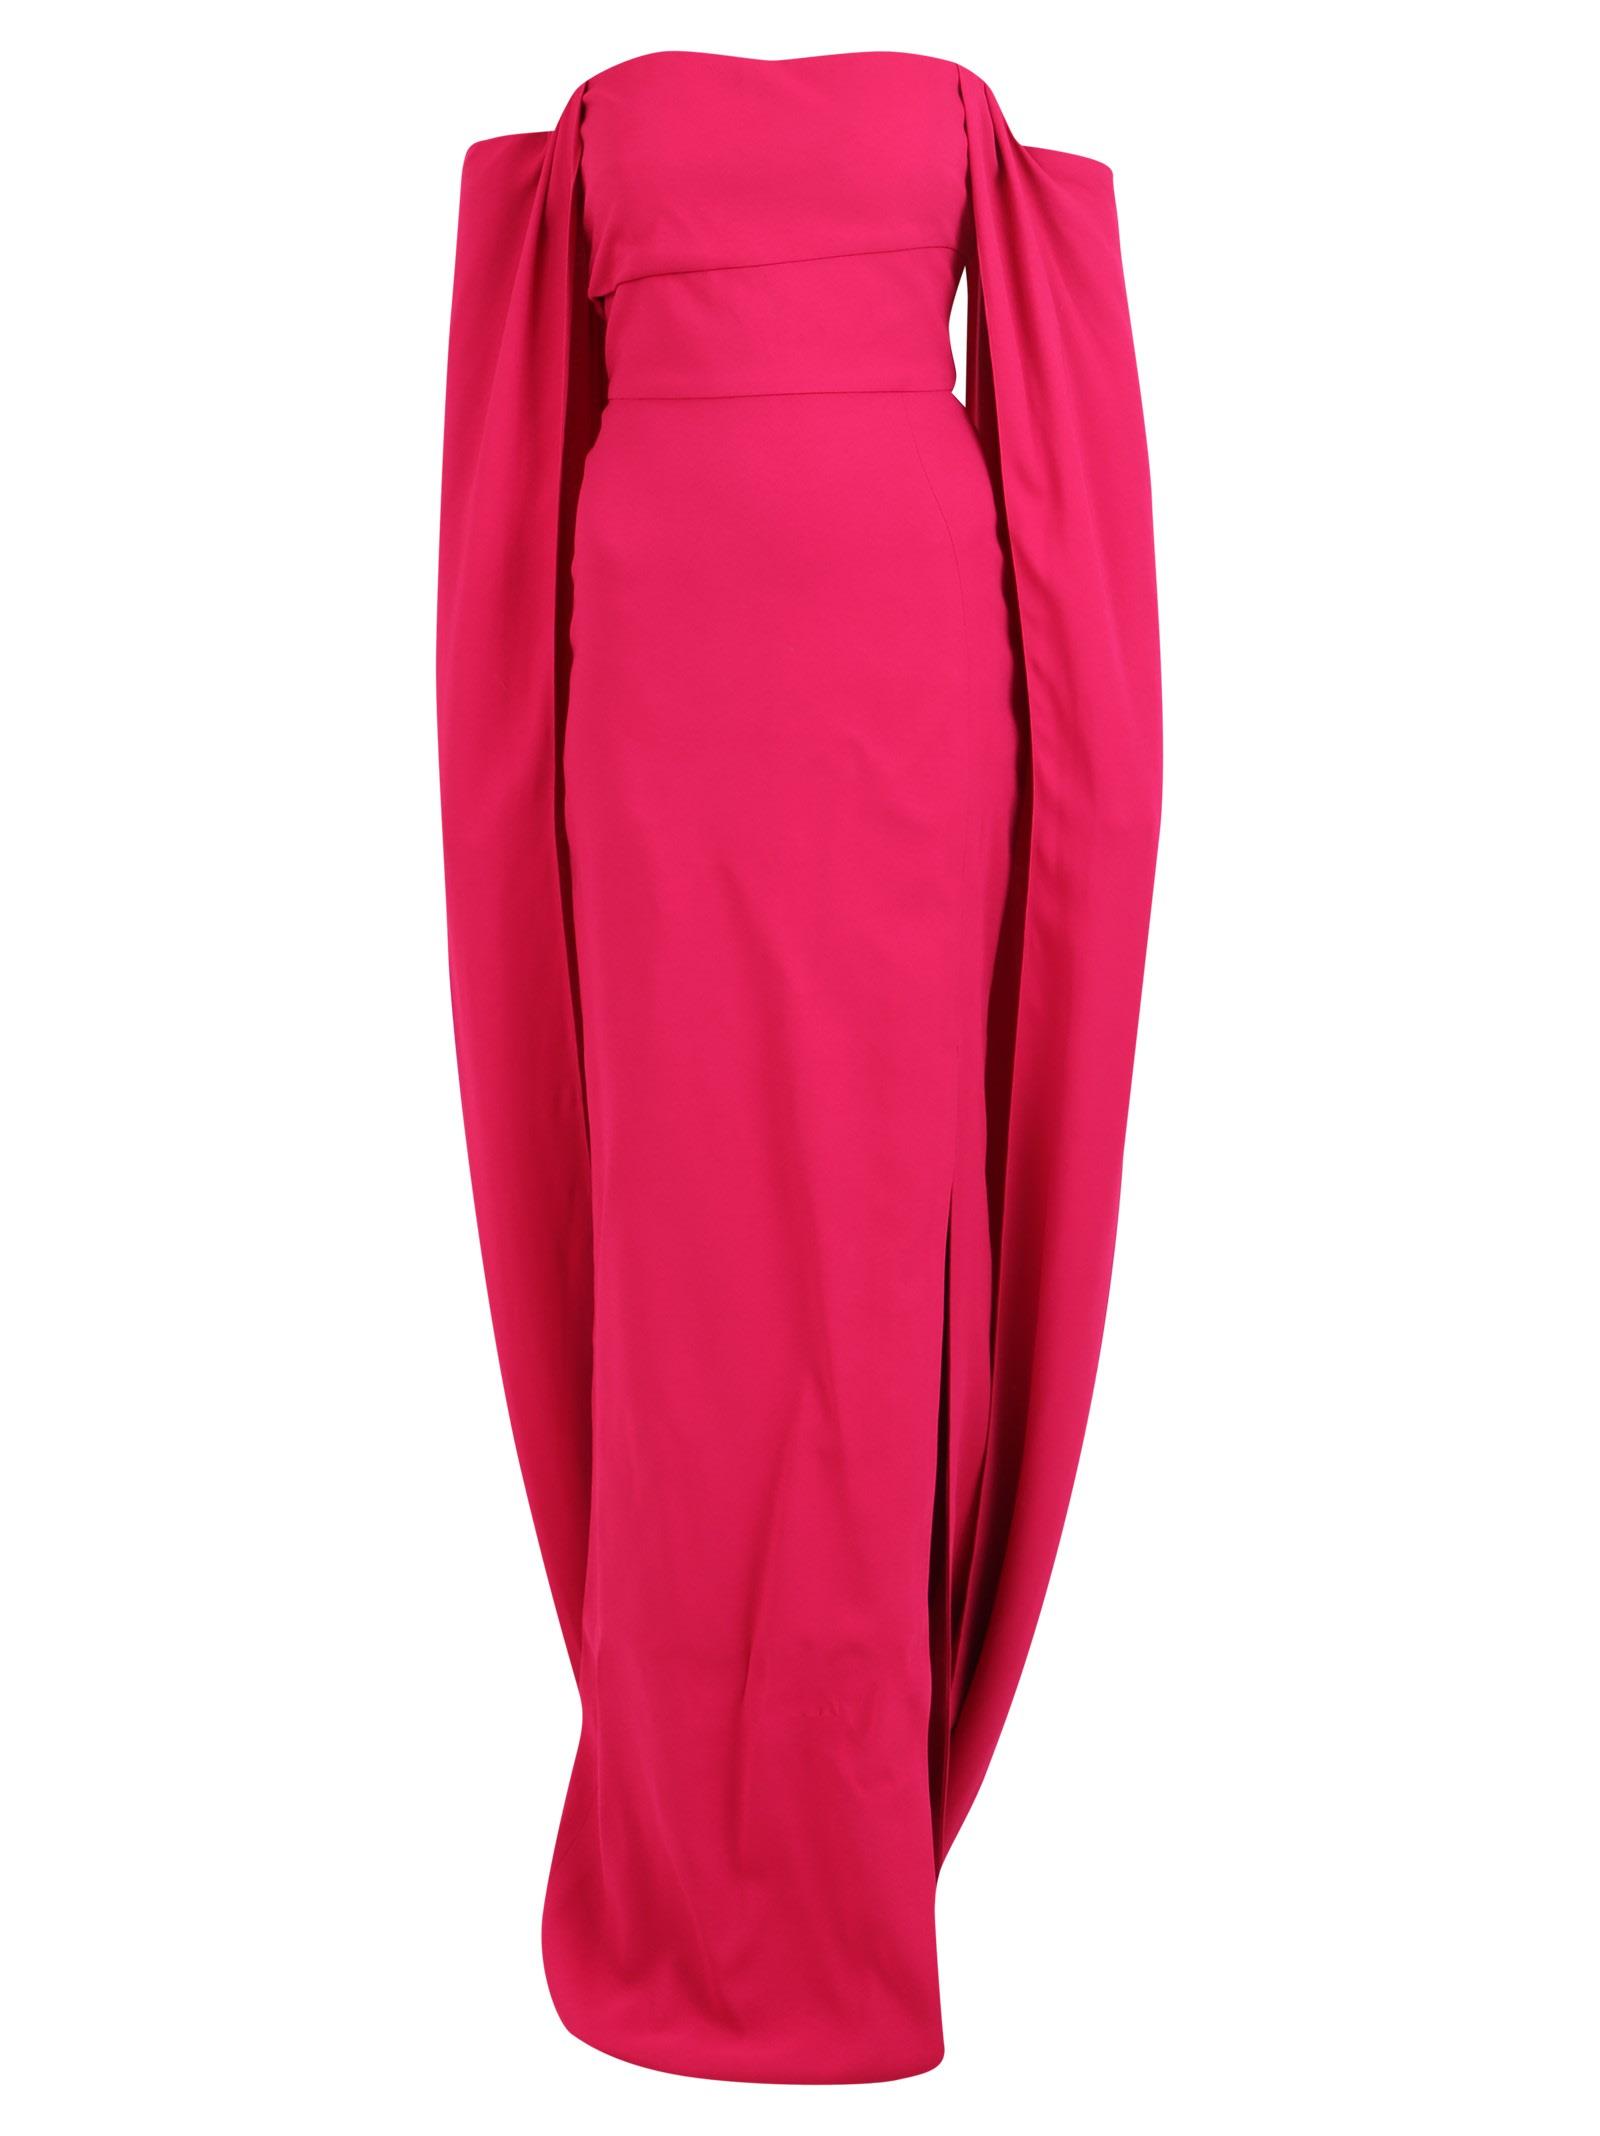 Tom Ford Off-the-shoulder Dress